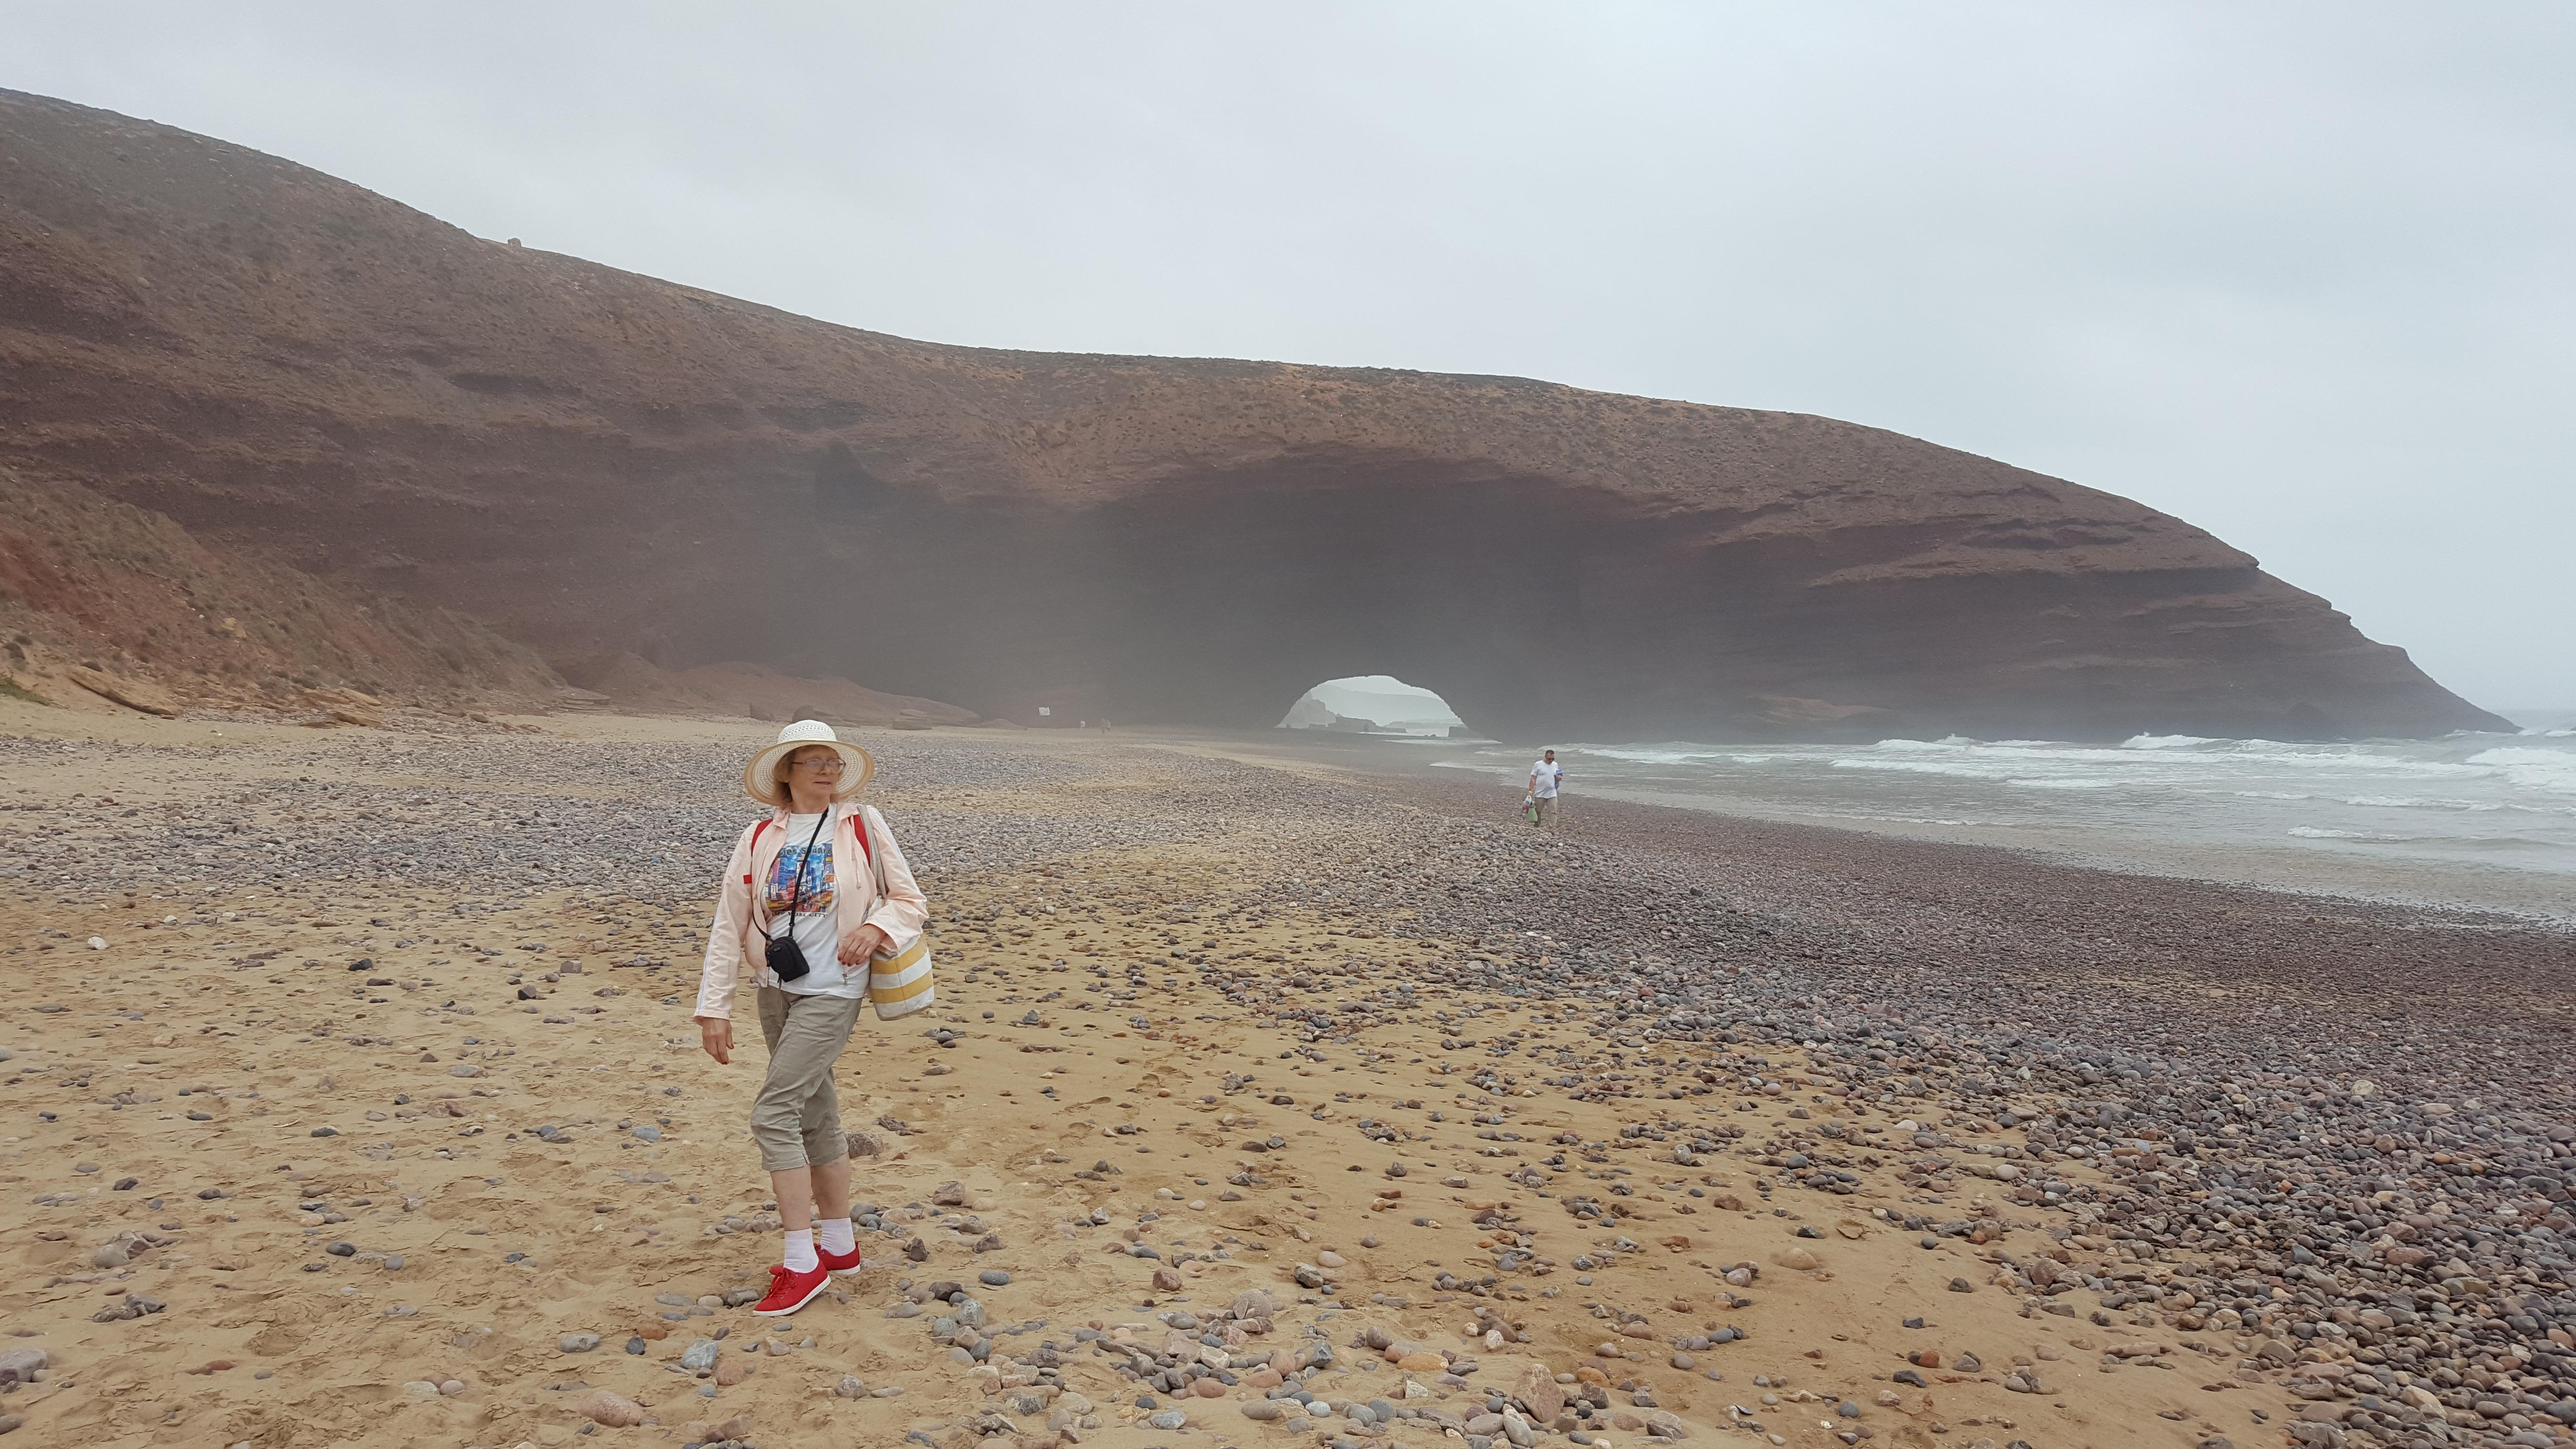 Легзира, Марокко. Пляж имеет пару километров в длину